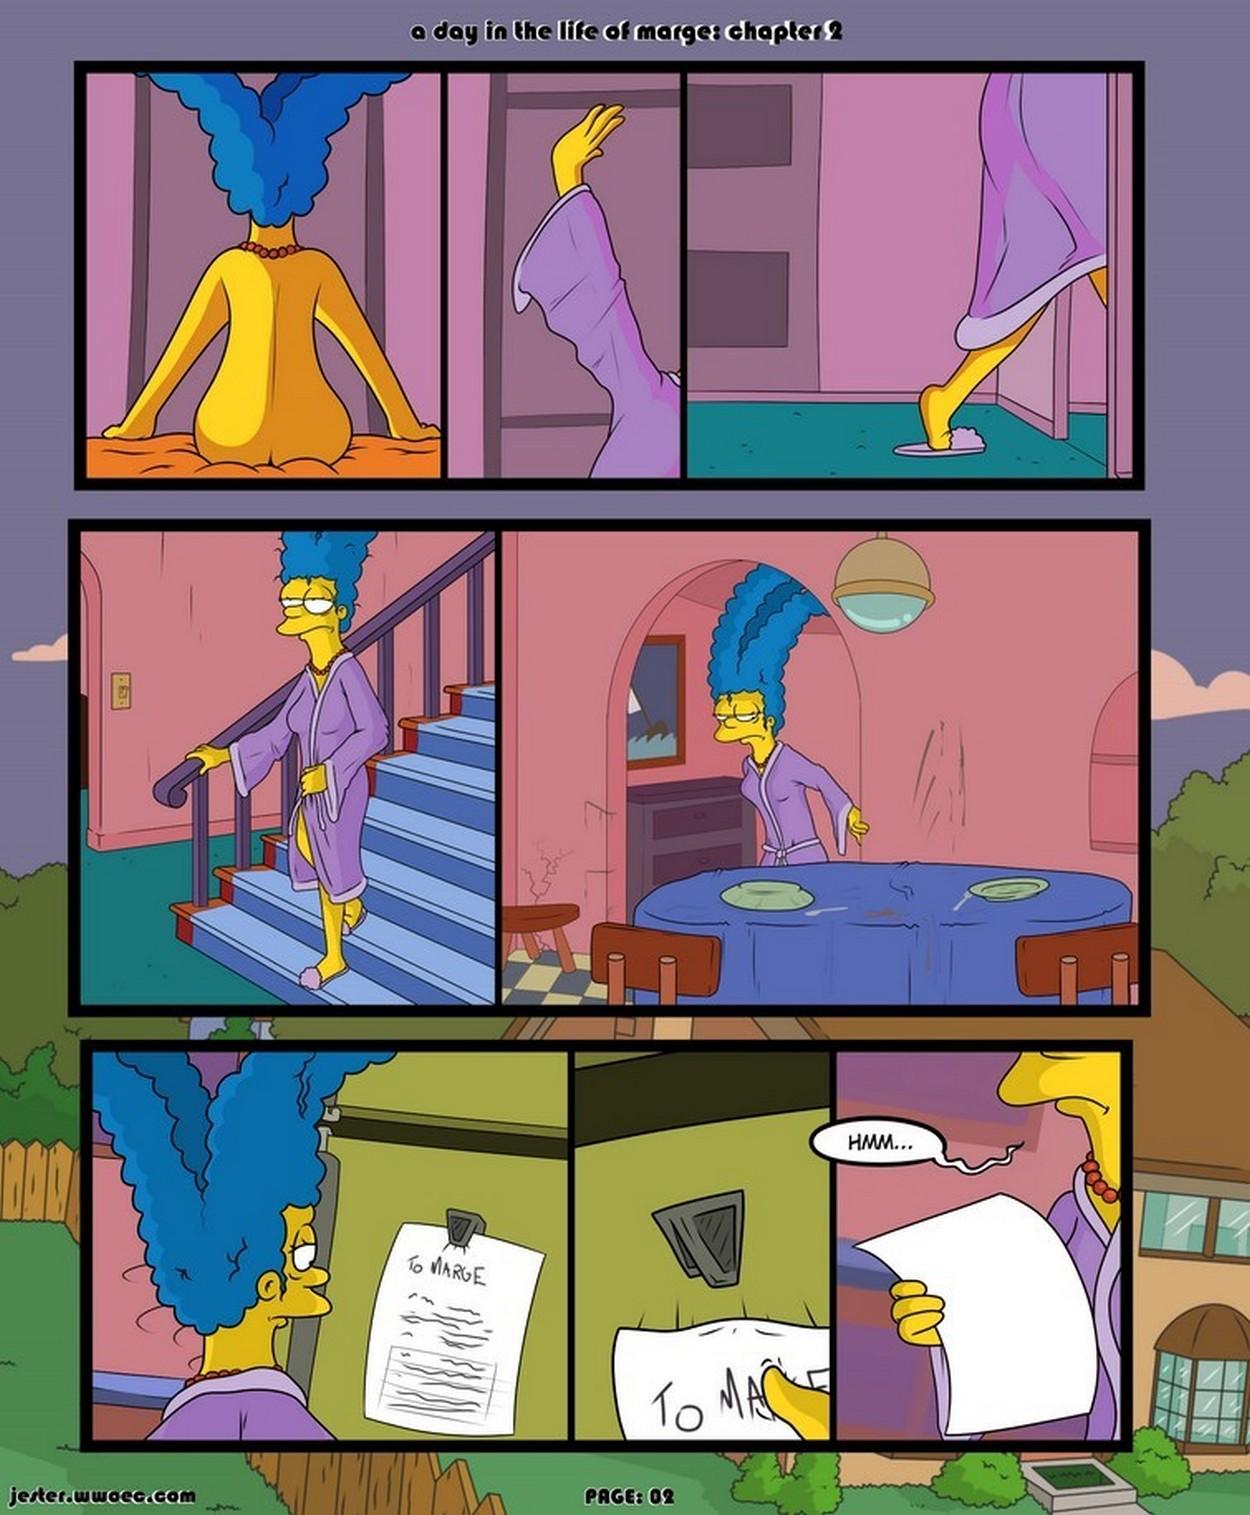 Marge-Simpsons-02.jpg